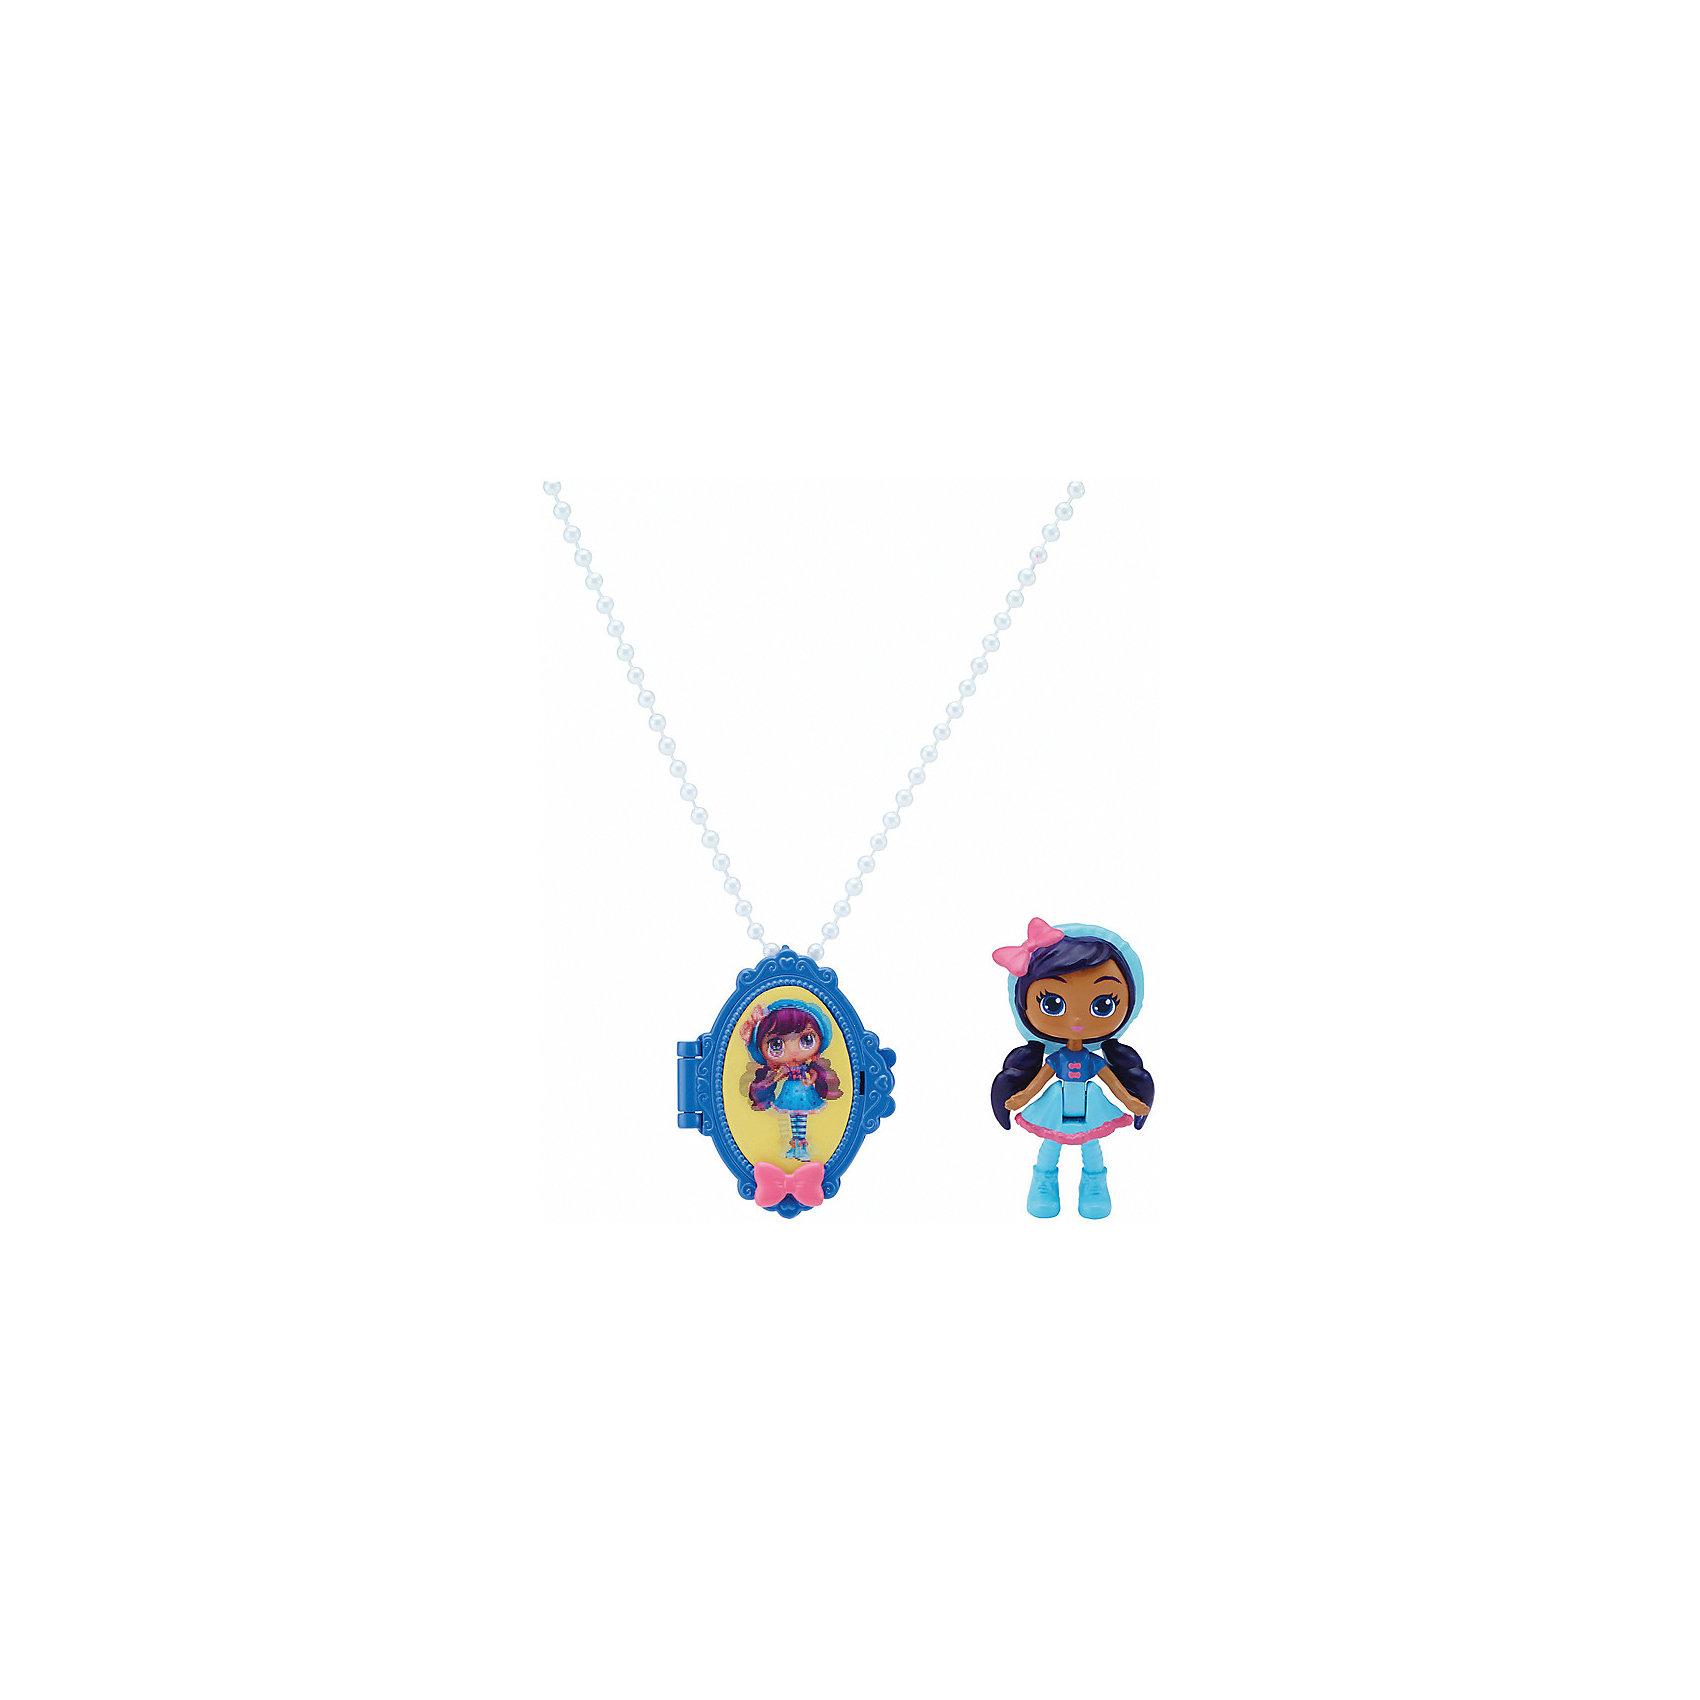 Кулон с Лавендер, Маленькие волшебницы, Spin MasterАксессуар для девочек, полюбивших мультфильм «Маленькие волшебницы». Кулон на бисерной нитке украшен портретом одной из героинь Little Charmers, Лавендер. Входящая в комплект миниатюрная куколка Лавендер – это пластиковая минифигурка, у которой шарнирные конечности, поднимаются ручки и ножки, поворачивается голова. Волосы и платьице выполнено из пластика. Кулон открывается, внутрь можно поместить фигурку Лавендер.<br><br>Размер упаковки: 27х19х24 см<br>Вес упаковки: 250 г<br><br>Кулон с Лавендер, Маленькие волшебницы, Spin Master можно купить в нашем интернет-магазине.<br><br>Ширина мм: 190<br>Глубина мм: 30<br>Высота мм: 240<br>Вес г: 113<br>Возраст от месяцев: 36<br>Возраст до месяцев: 2147483647<br>Пол: Женский<br>Возраст: Детский<br>SKU: 5064318